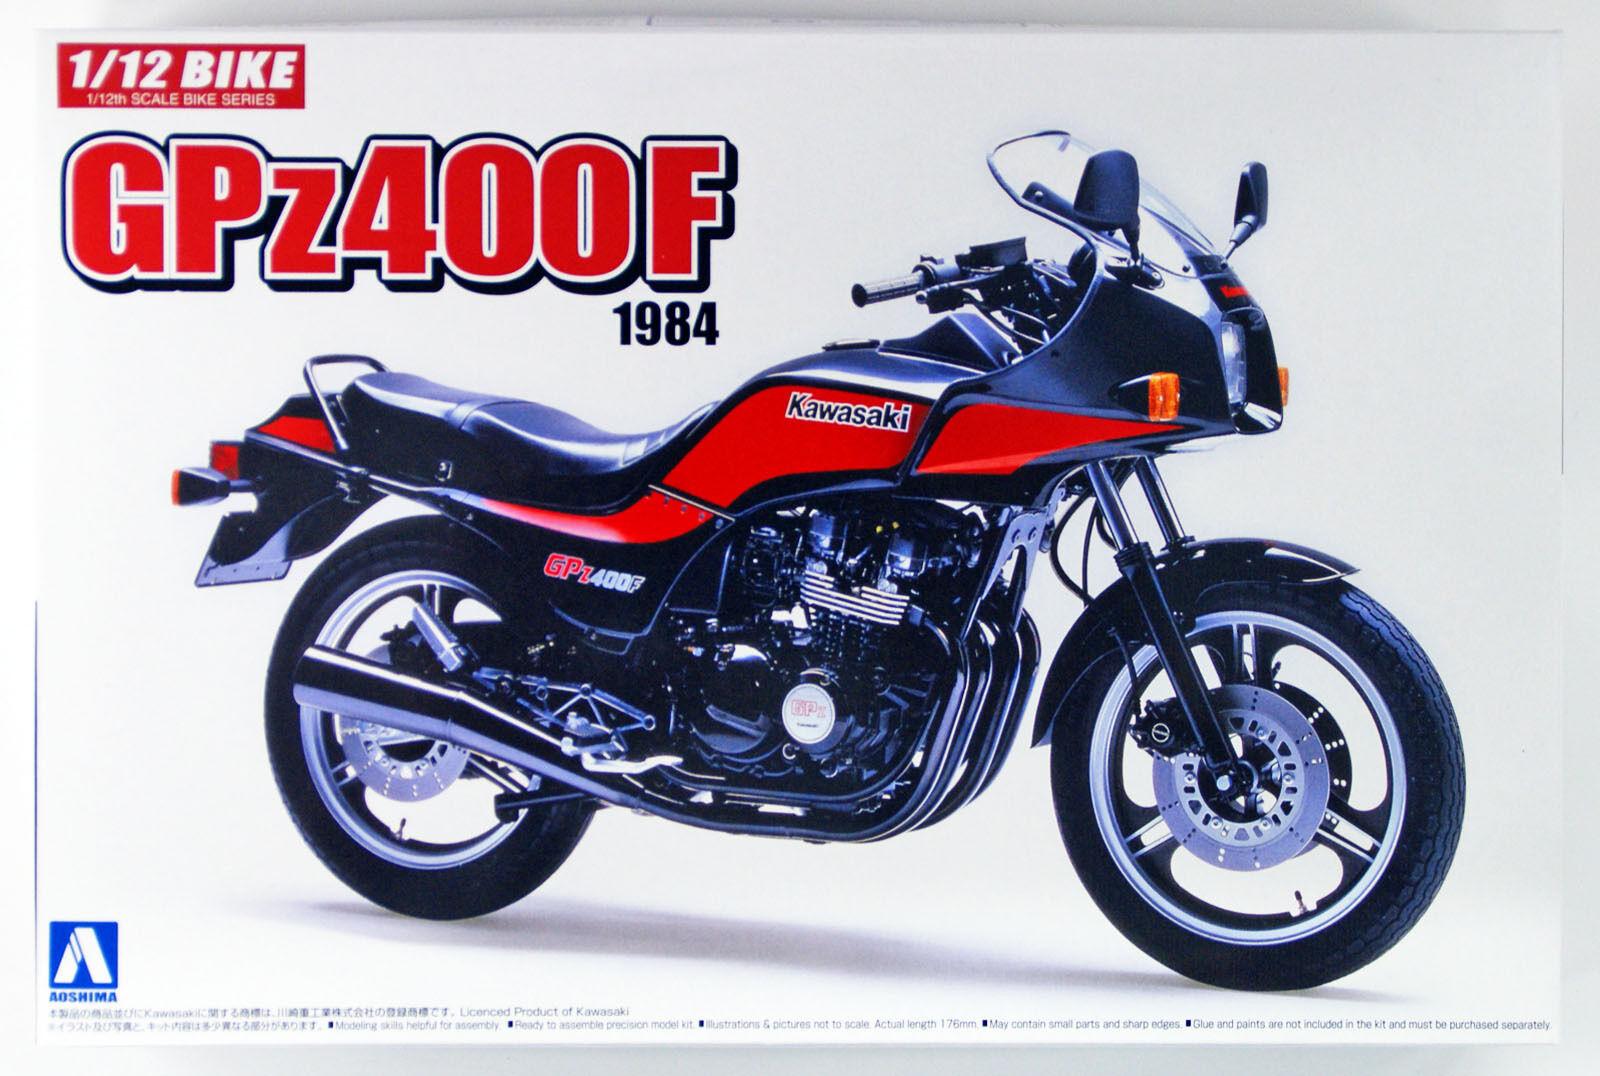 Motorcycle Models Kits Toys Hobbies Tamiya Scale Ducati Desmosedici Aoshima 53270 Bike 36 Kawasaki Gpz400f 1 12 Kit